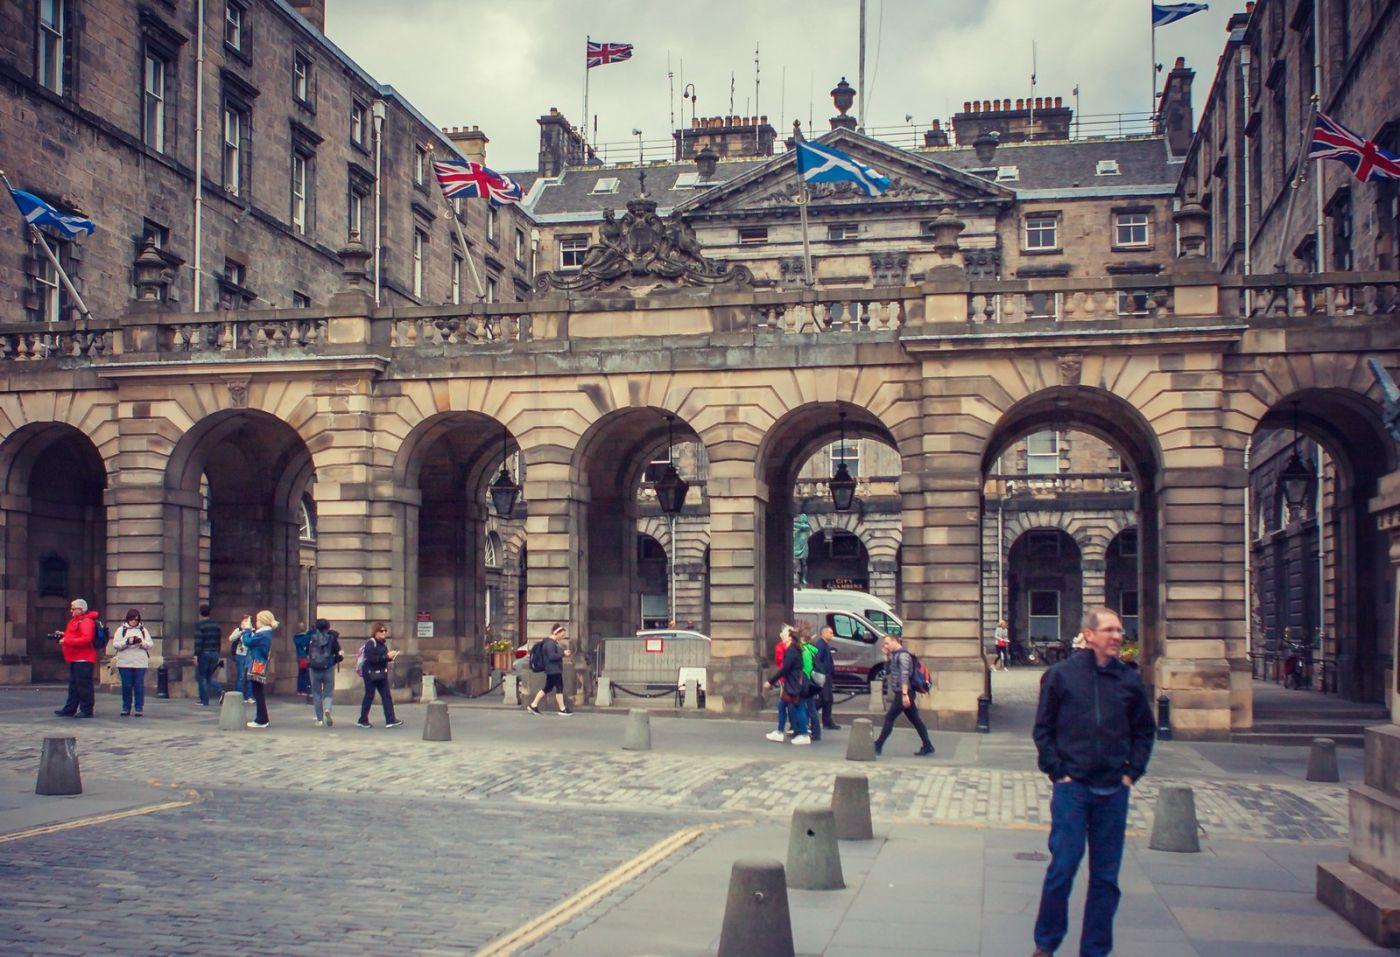 苏格兰爱丁堡,老城市老文化_图1-28